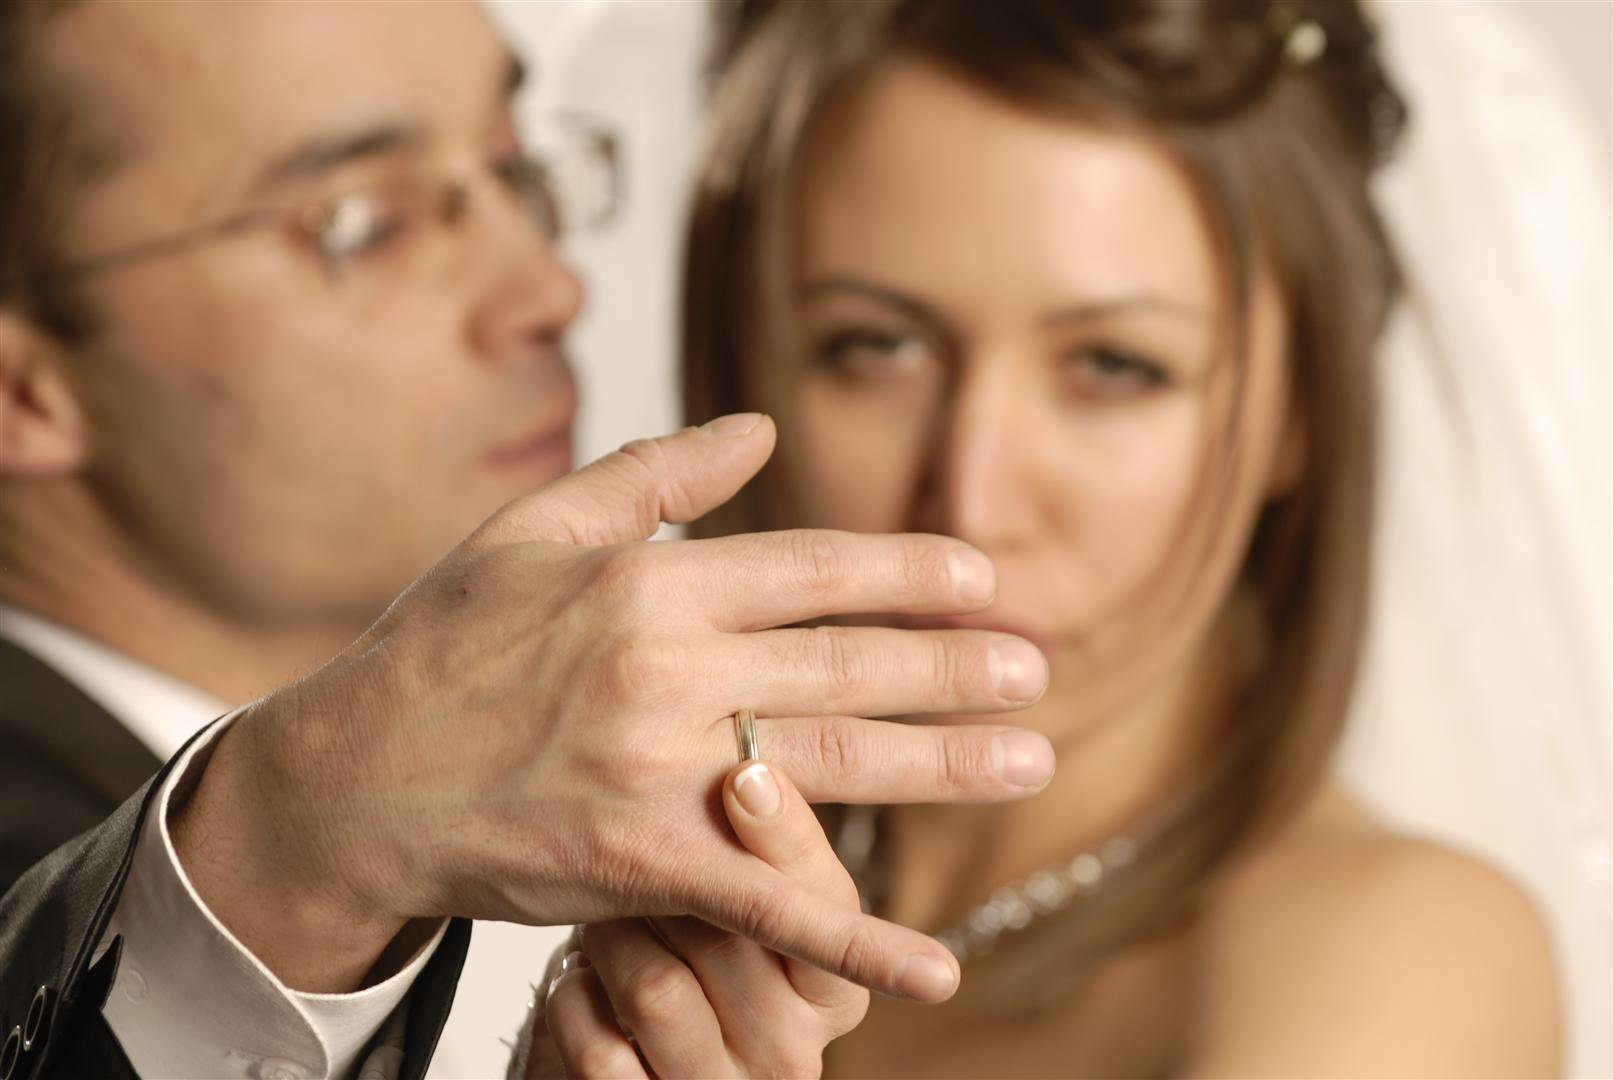 Приворот женатого мужчины на вещь